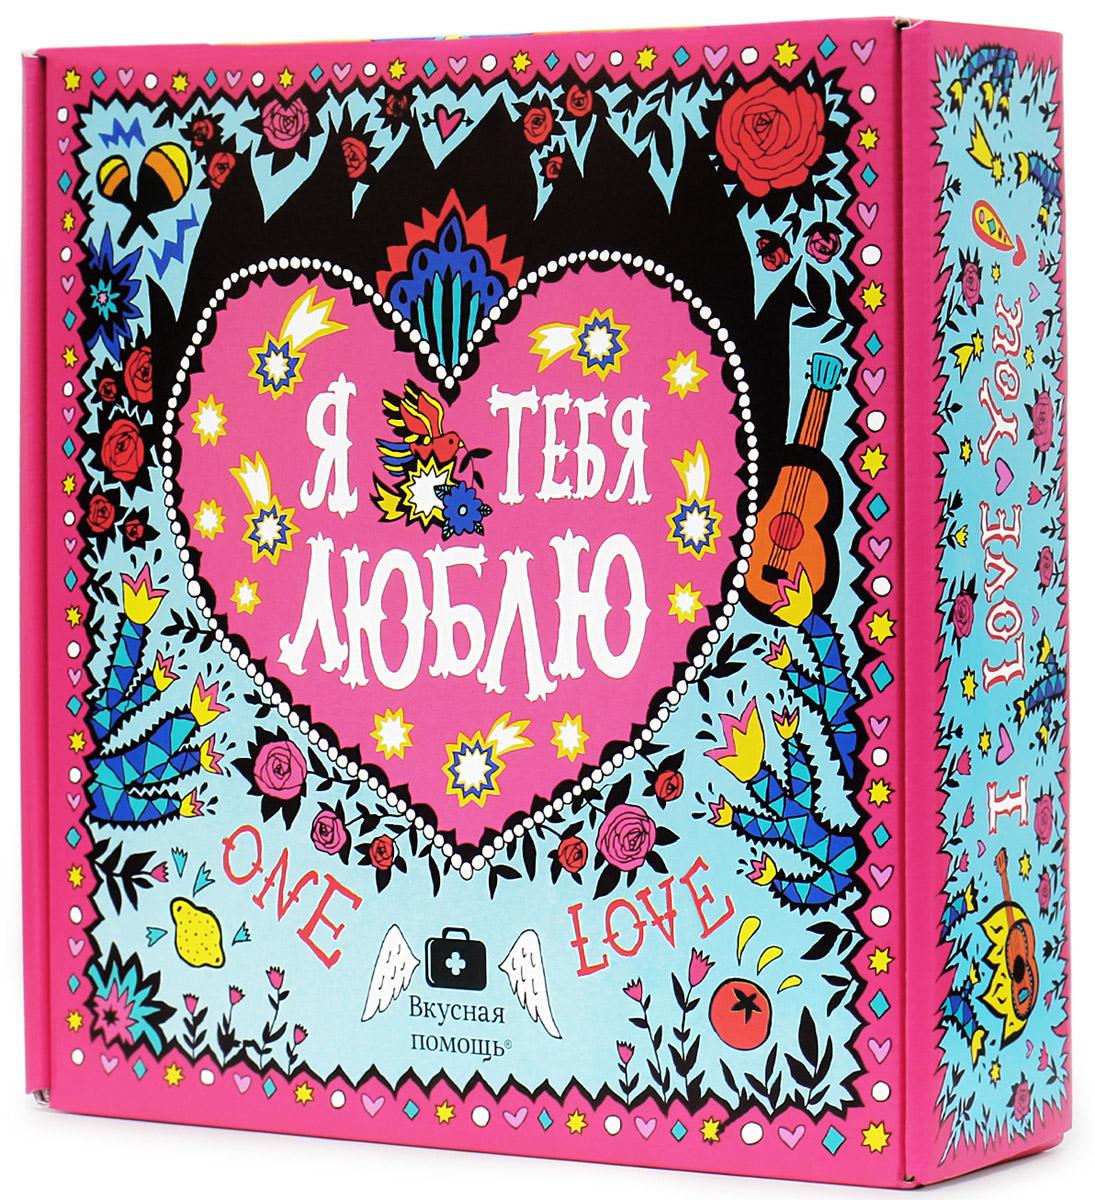 Вкусная помощь Мексиканская любовь набор конфет, 342 гУТ-00000730О, эта любовь - чистая, прекрасная и по-мексикански обжигающая! Испытав такую любовь, забываешь обо всем на свете - хоть земной шар надвое расколи, все ни по чем, лишь бы вторая половинка была рядом. Для горячих и страстных мы создали яркий набор - сладкую коробку Мексиканская любовь. Внутри вы найдете: - Воздушный десерт Маршмеллоу (32 г) - для блаженства; - Ванильное печенье с предсказаниями (8 шт, 52 г) - чуть-чуть волшебства; - Черный чай Имбирный (20 г) - немного огня; - Арахис в сахаре с ароматом яблока (85 г) - сладкое удовольствие; - Мармелад жевательный Земляничка (55 г) - любовные конфеты в банке; - Фигурный сахар Я люблю тебя (98 г) - сделает сладким что угодно.